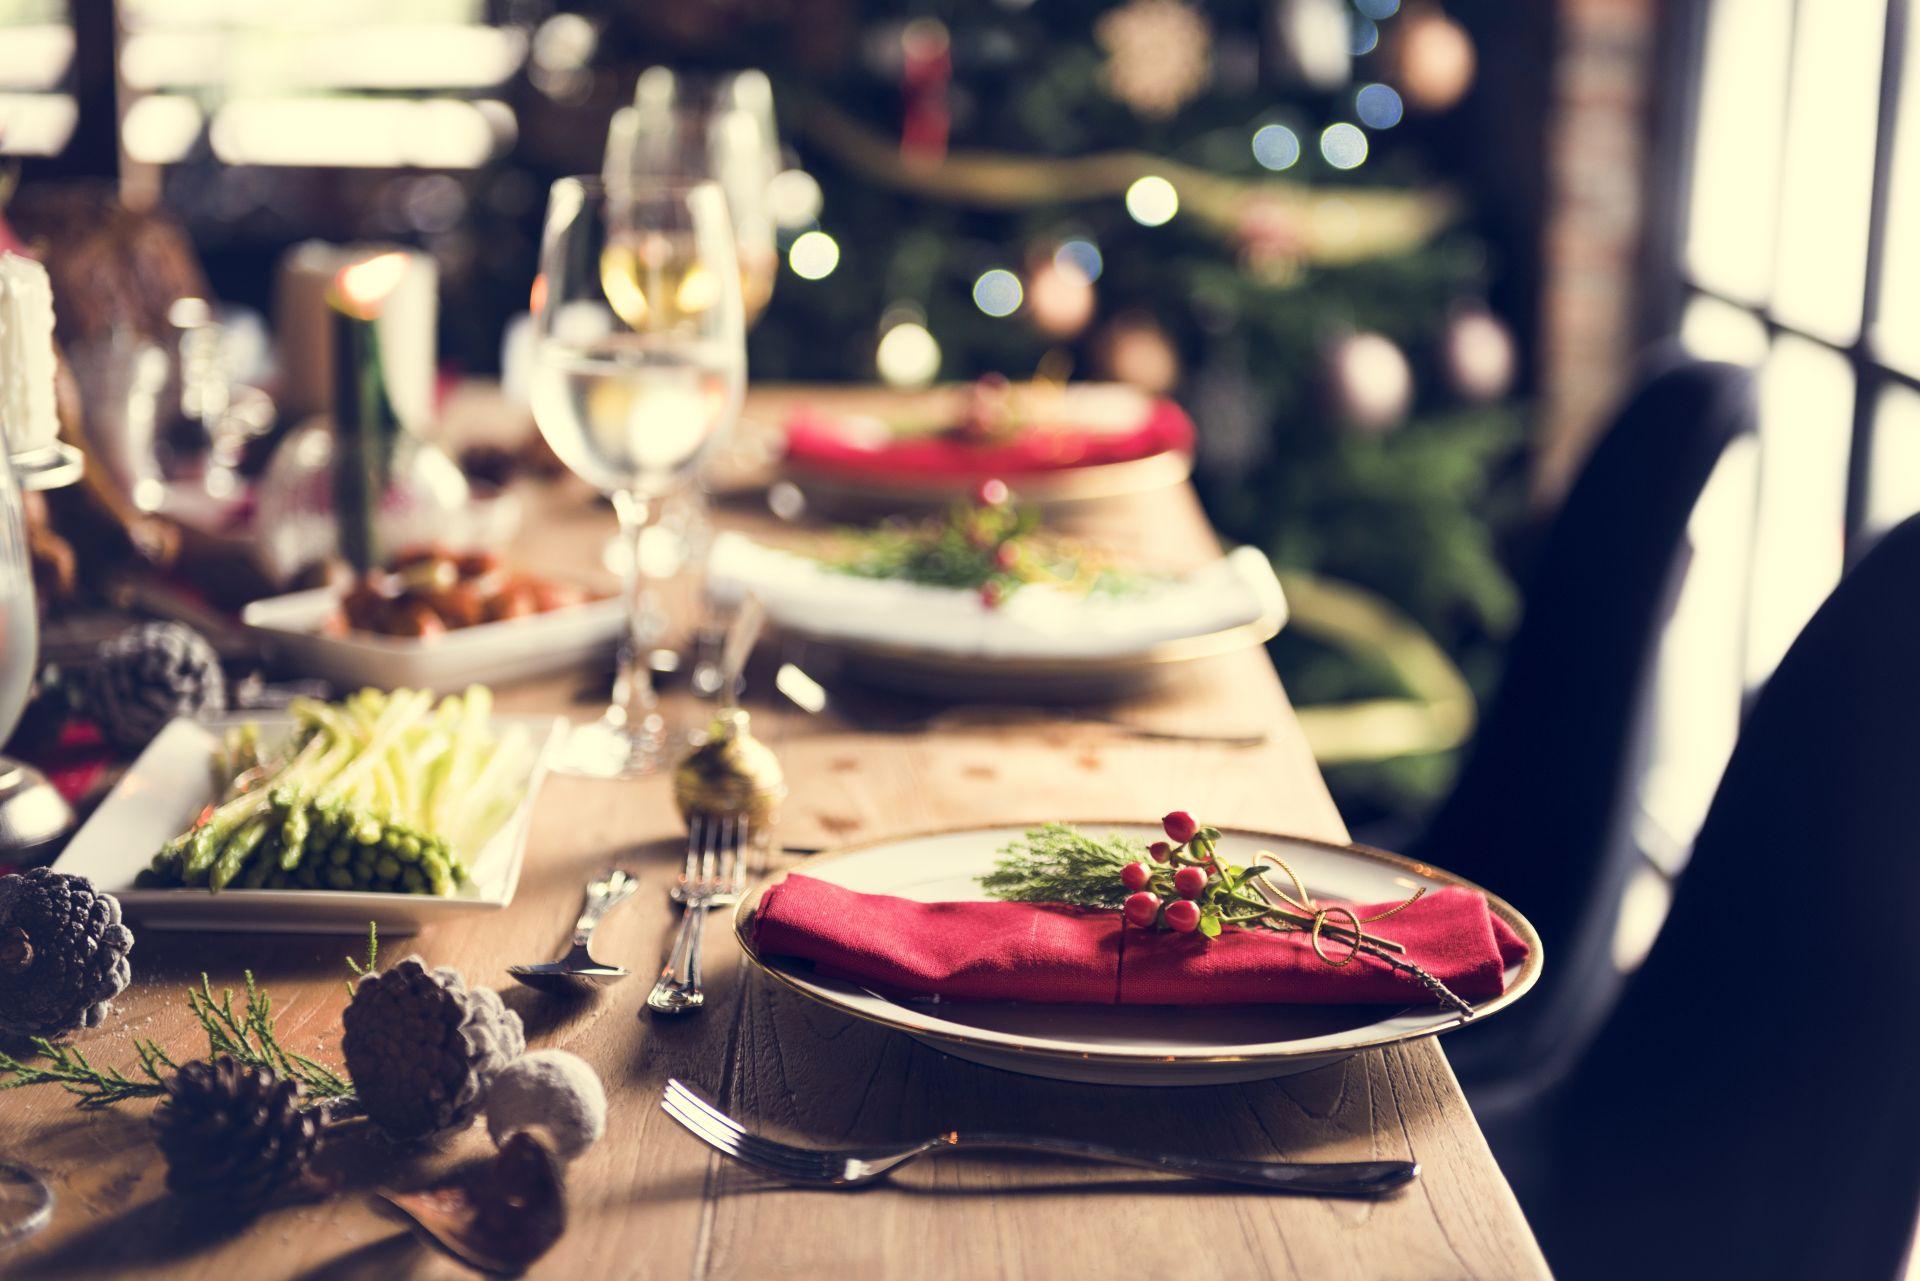 Do czego może prowadzić niezdrowa dieta? Zadbaj o cholesterol i serce nawet w czasie świąt Bożego Narodzenia - zmodyfikuj potrawy wigilijne, aby były zdrowsze i nie rezygnuj ze zdrowych nawyków żywieniowych.